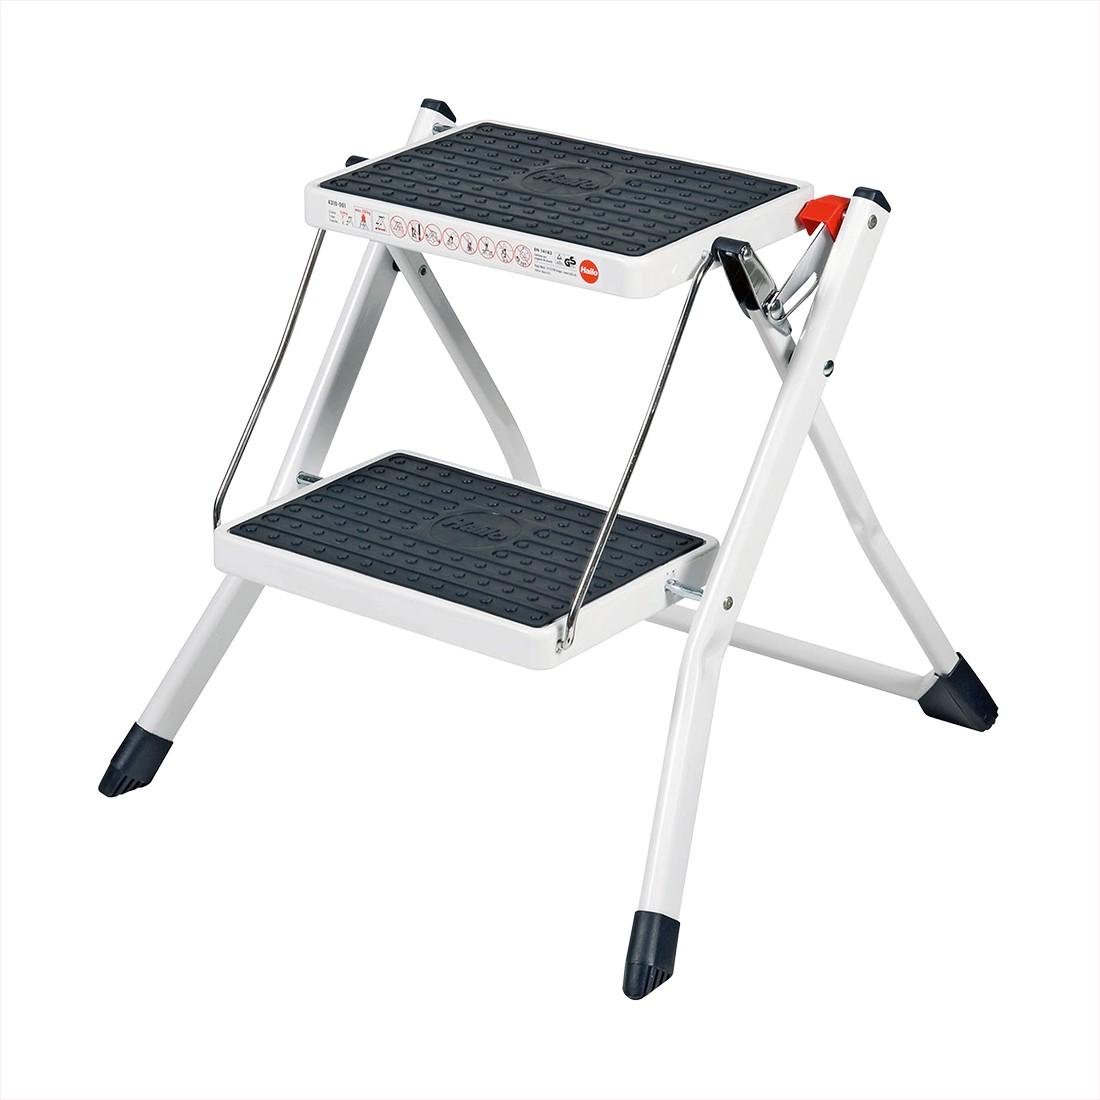 Mini-Klapptritt mit 2 Stufen – Stahl Schwarz, Weiß, Hailo günstig